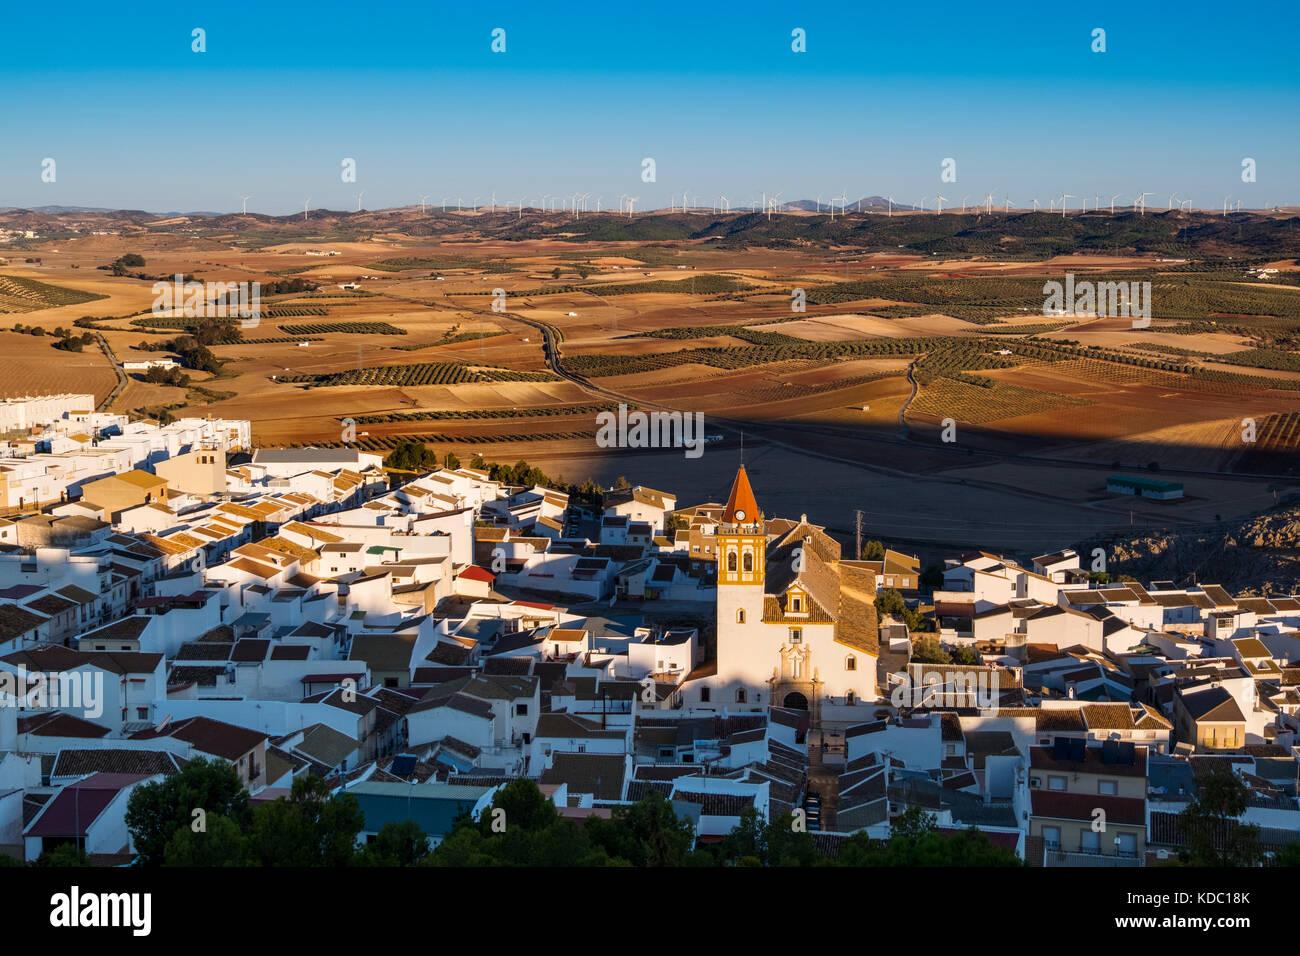 Villaggio di teba. provincia di Malaga, Andalusia. Spagna del sud Europa Immagini Stock